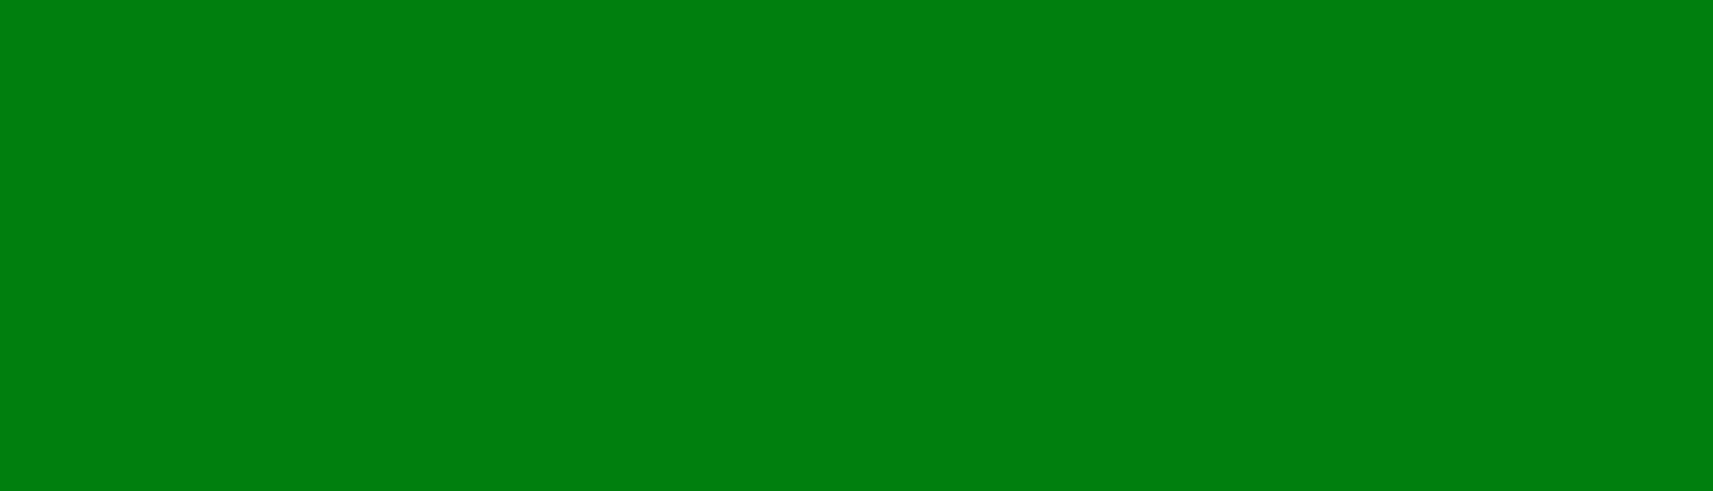 zielone_tło_wąskie2